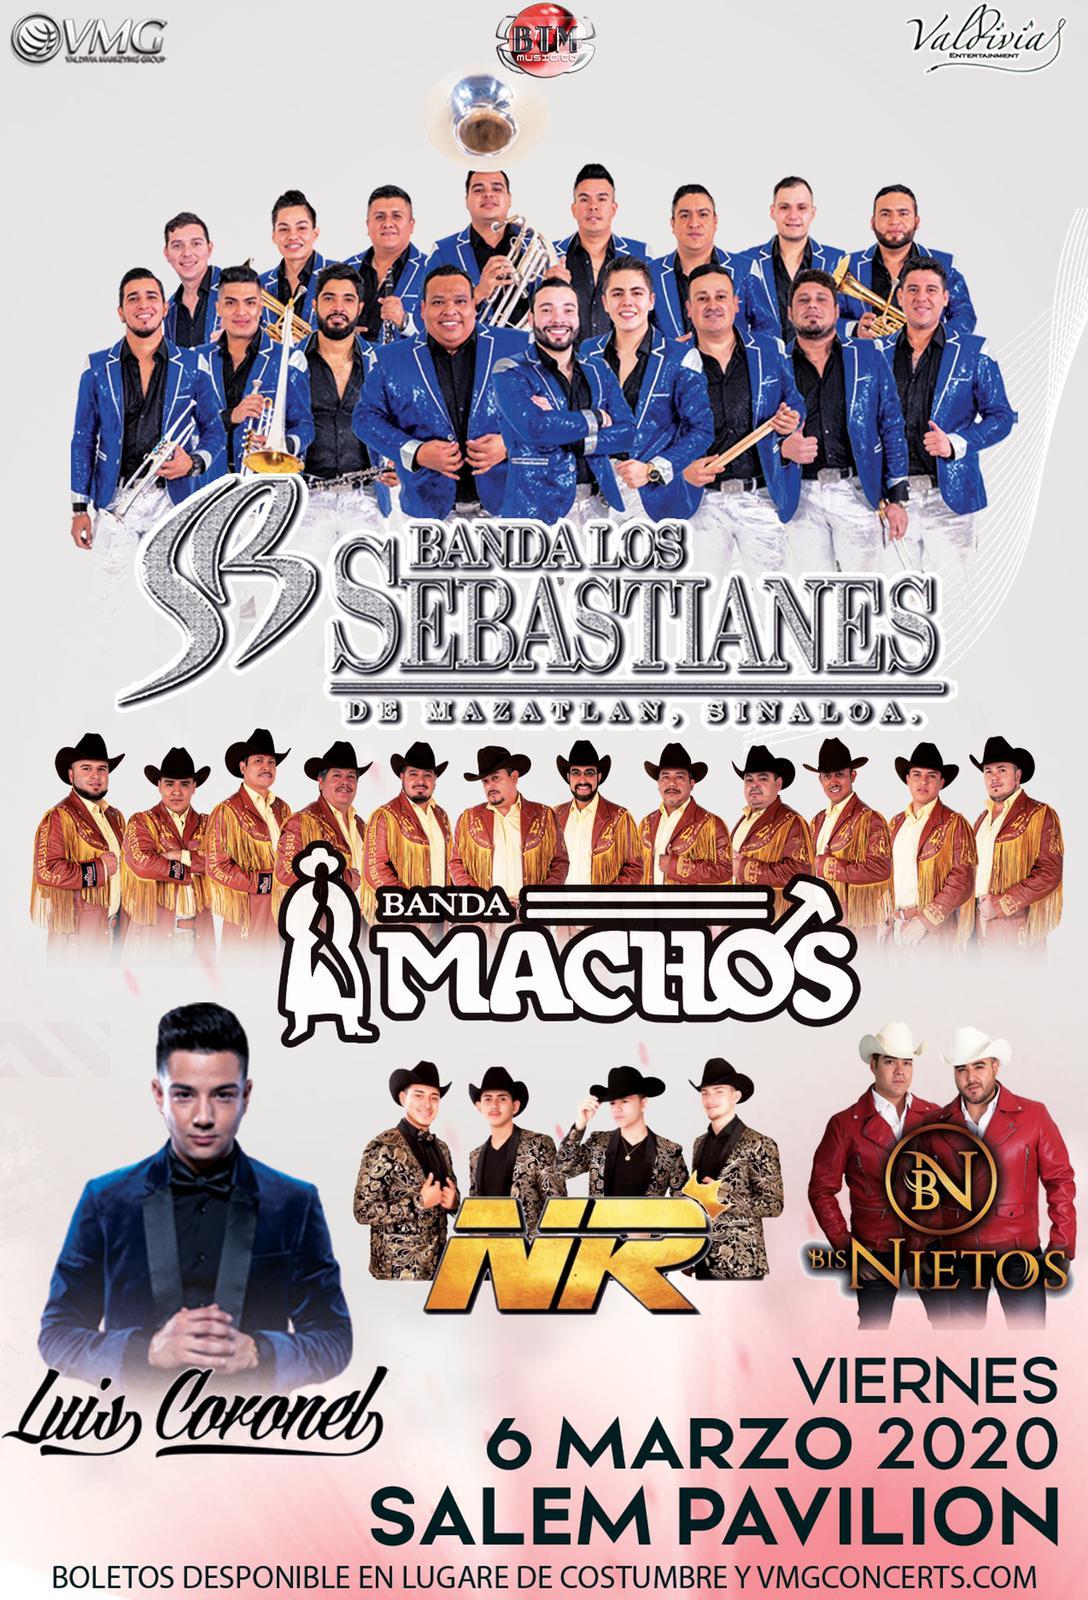 Banda Los Sebastianes, Banda Machos, Bisnietos, NR, y Luis Coronel – Salem Pavilion de Salem, OR